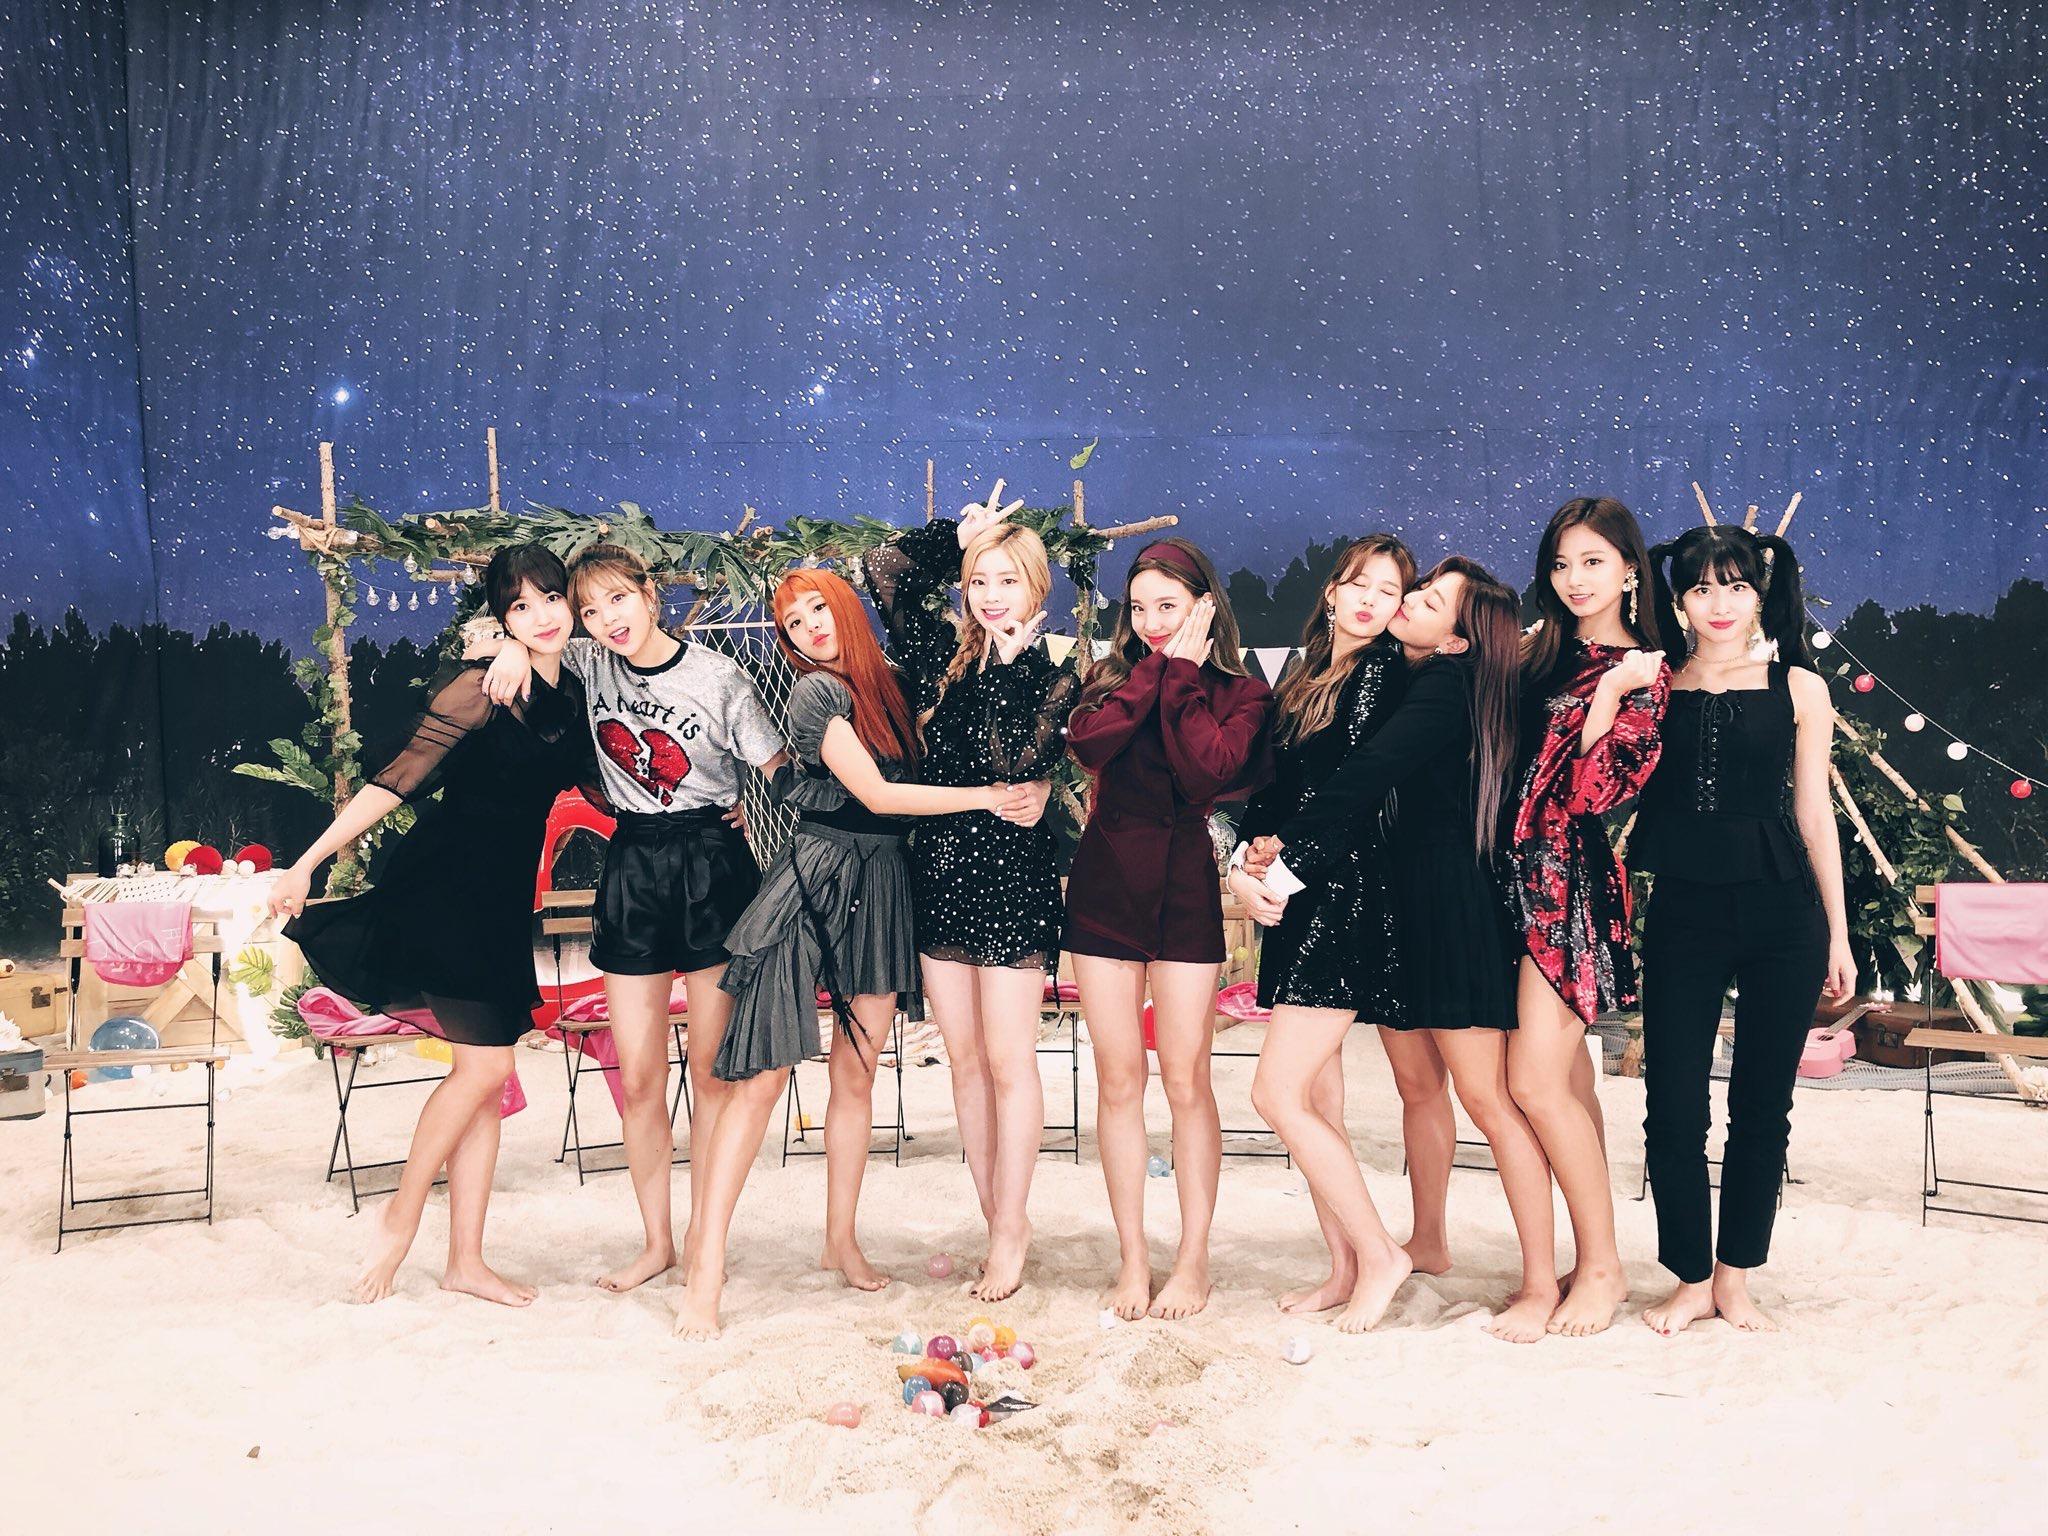 Twice Dtna 7 Jpg Twice Jyp Ent Wallpaper 41600148 Fanpop Page 284